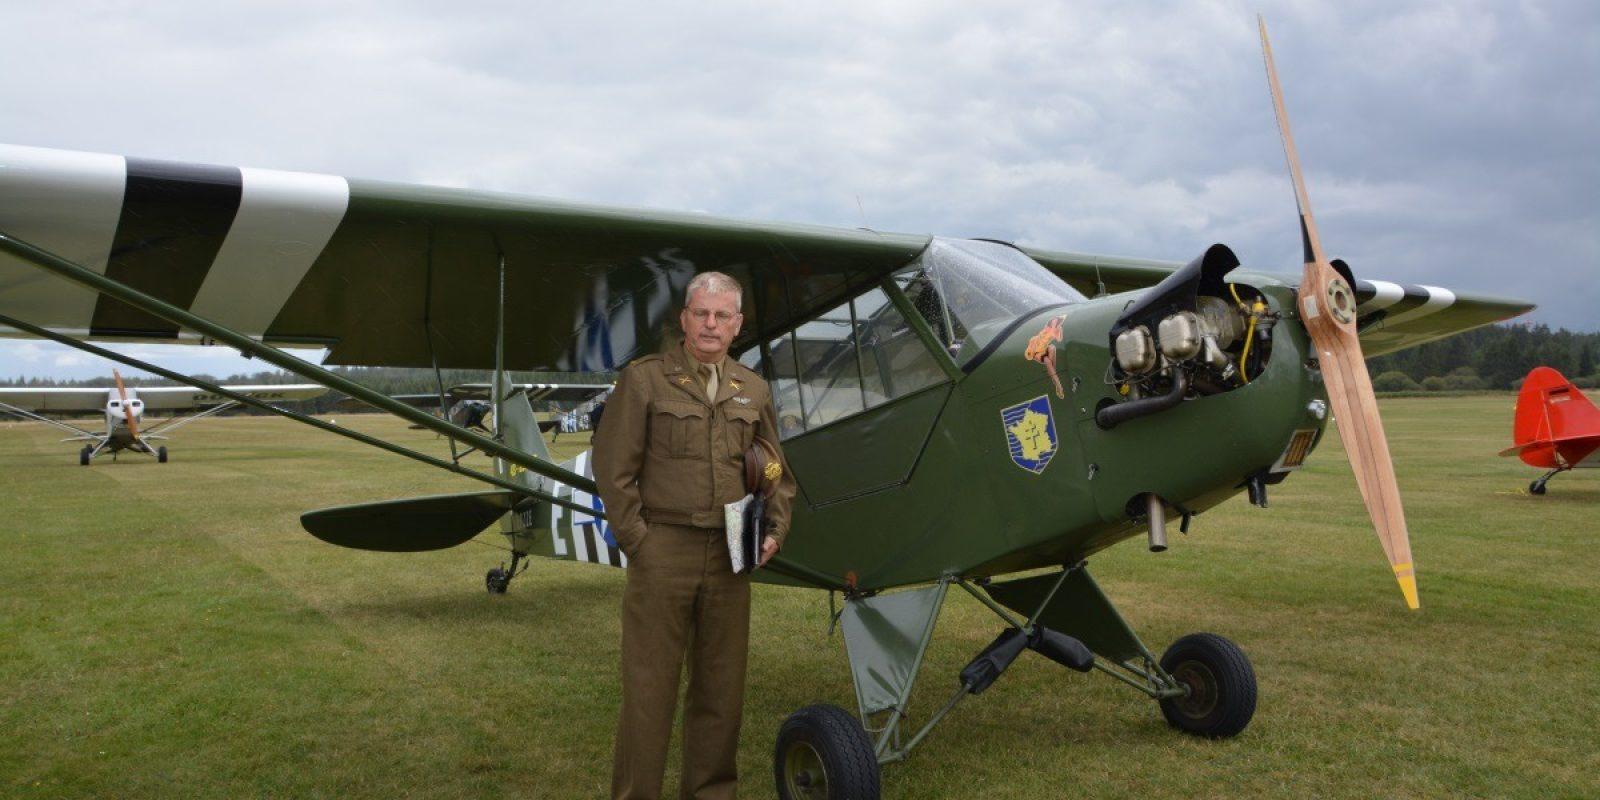 Initiatiefnemer Philippe Mordant in zijn militair plunje uit 1944. Hij draagt de Amerikaanse pilotenvleugels maar op de kraag de tekens van de artillerie, de toestellen stonden immers onder het bevel van de artillerie.